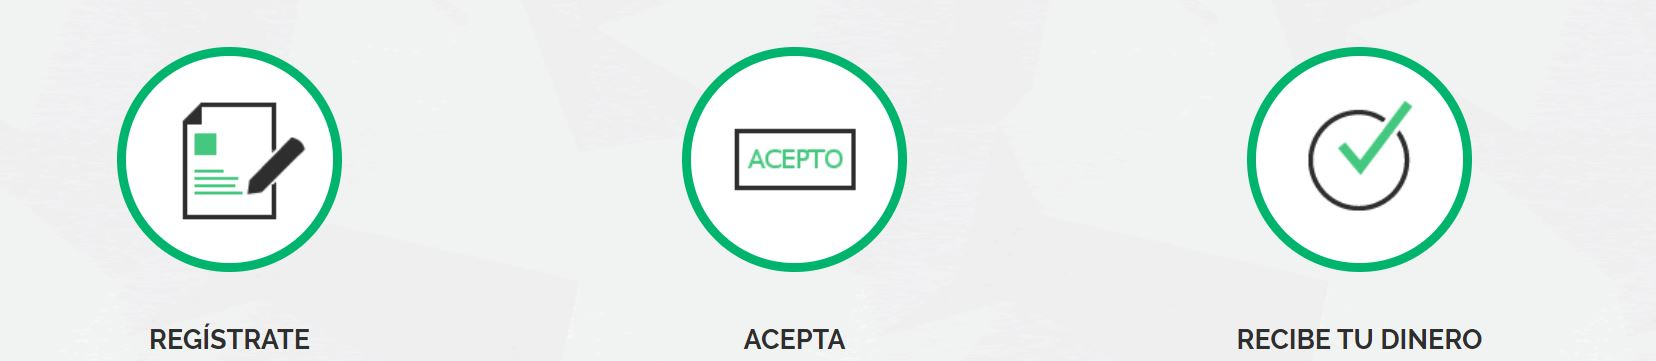 El proceso de registro de préstamos P2P es sencillo y rápido.